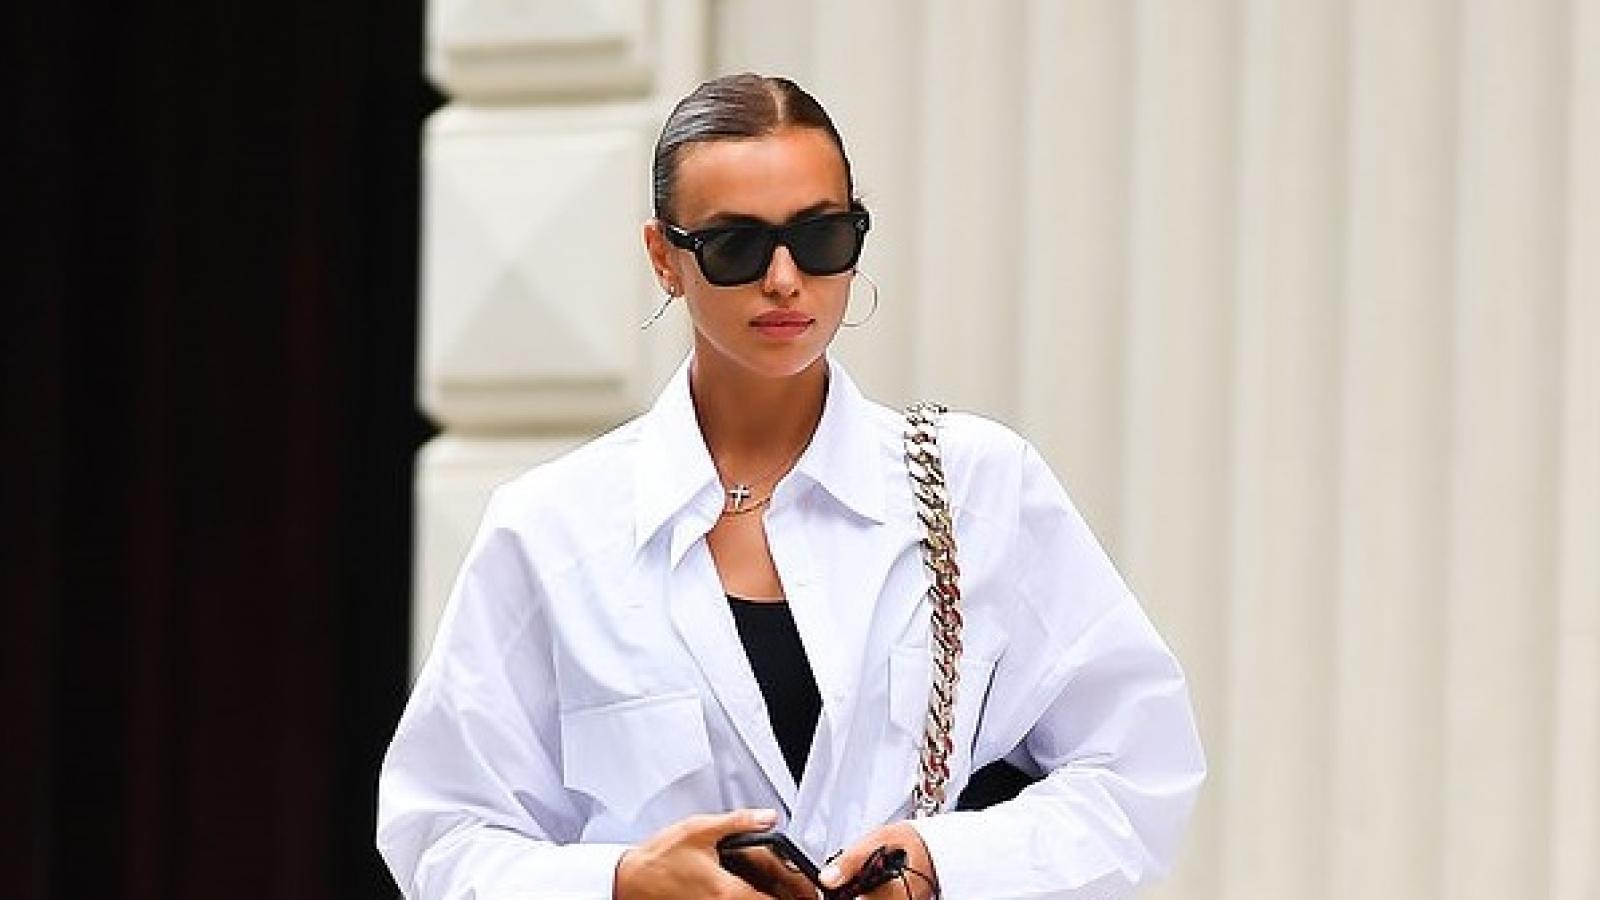 Siêu mẫu Irina Shayk diện váy ngắn khoe dáng thon ra phố